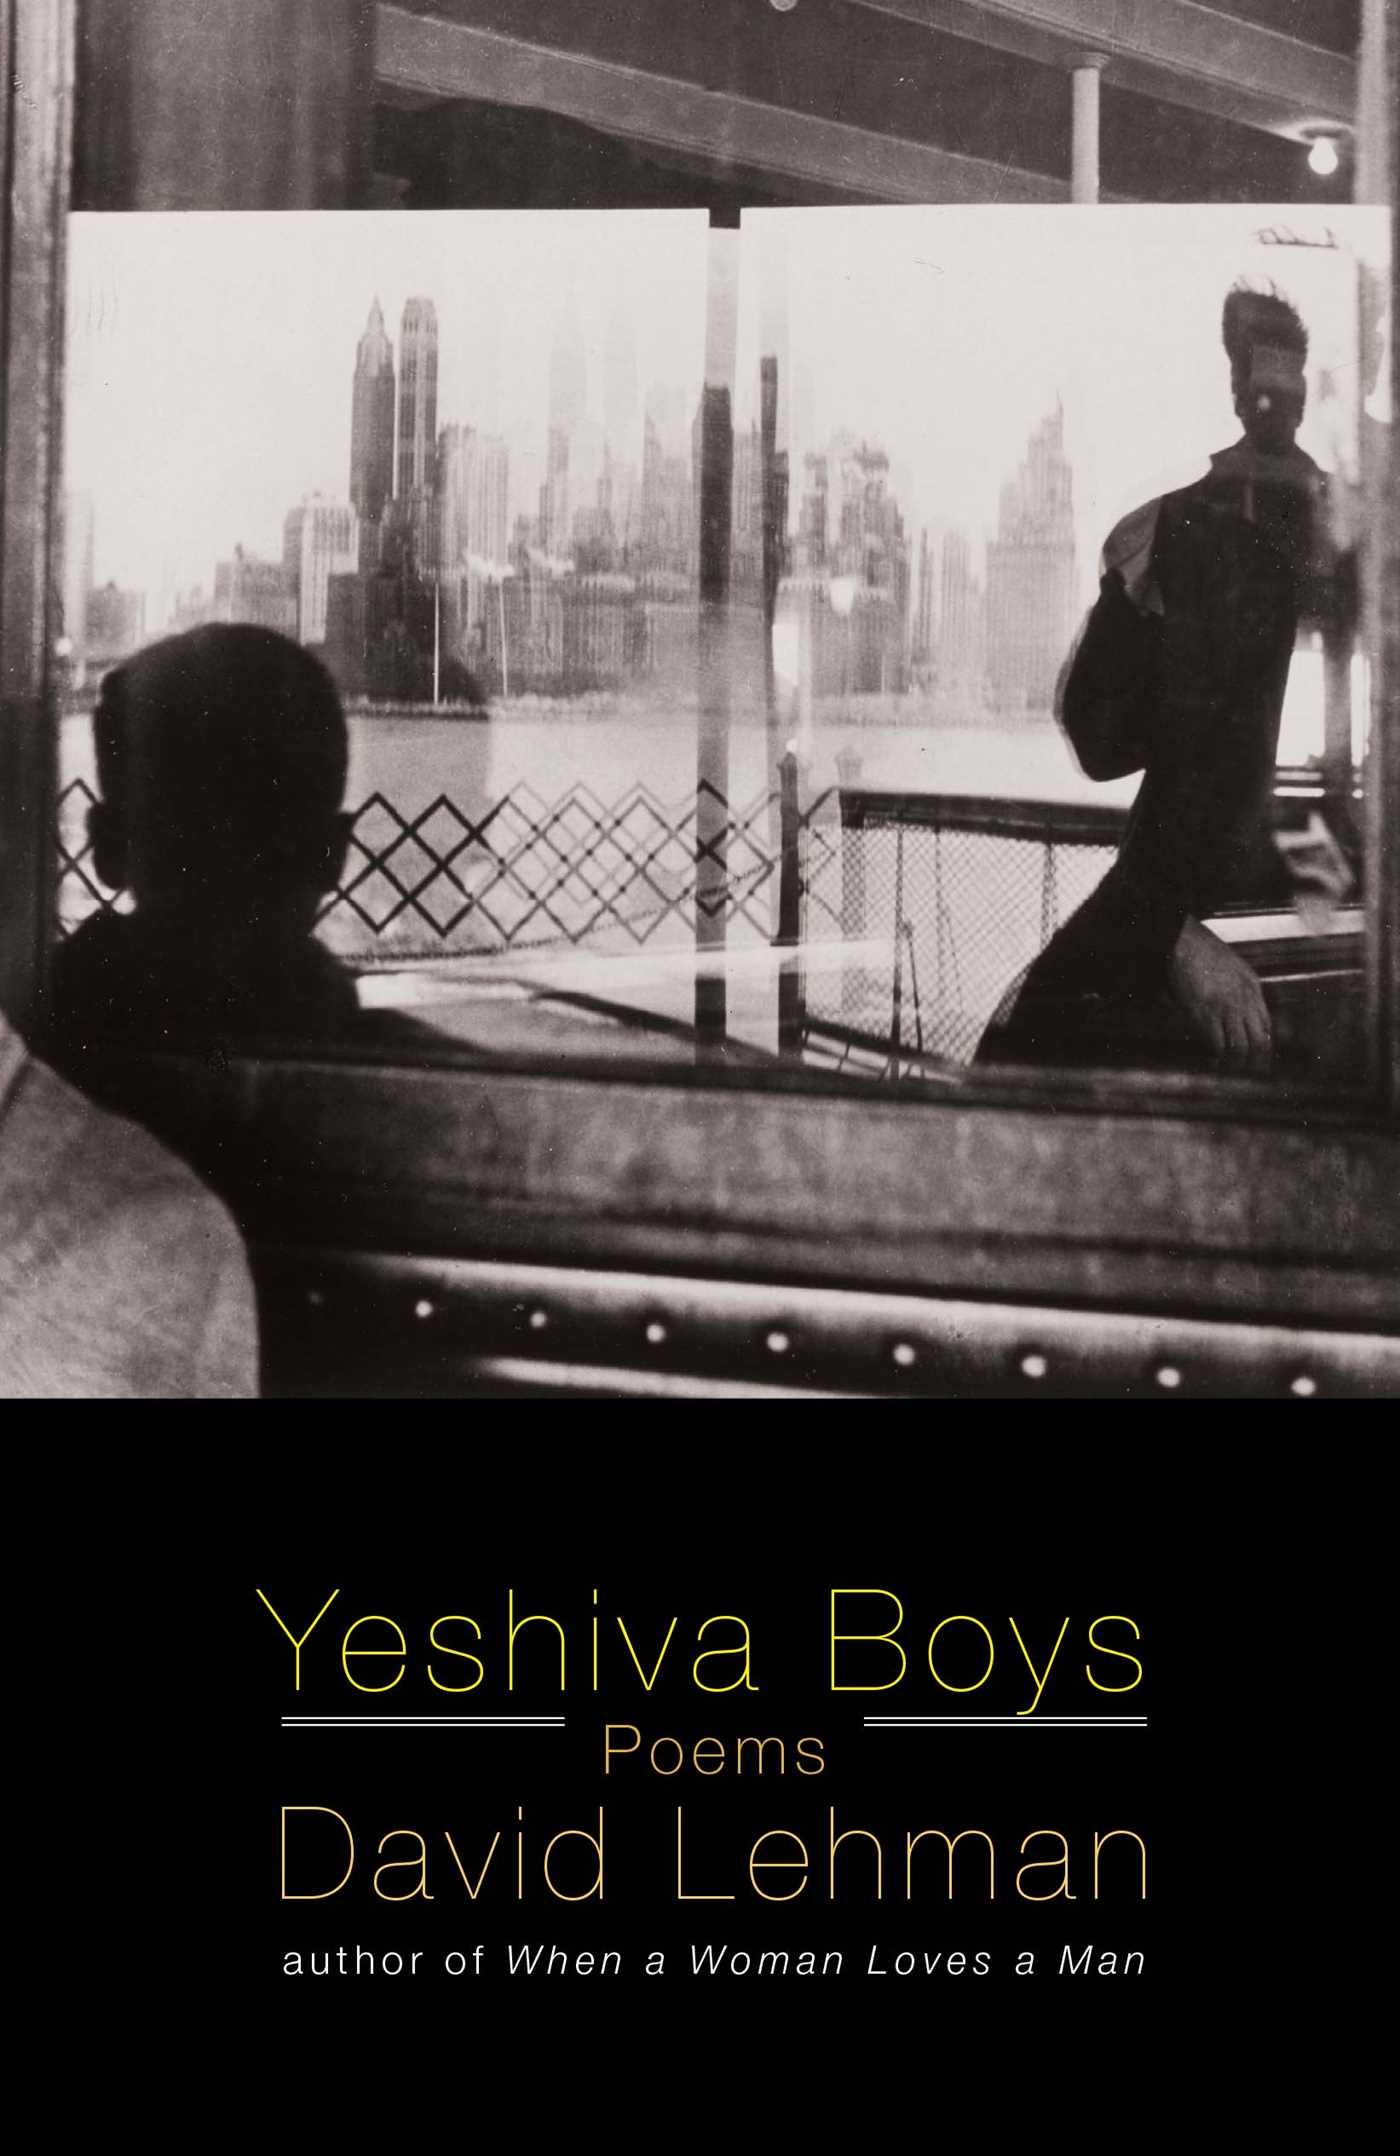 Yeshiva boys 9781439154441 hr